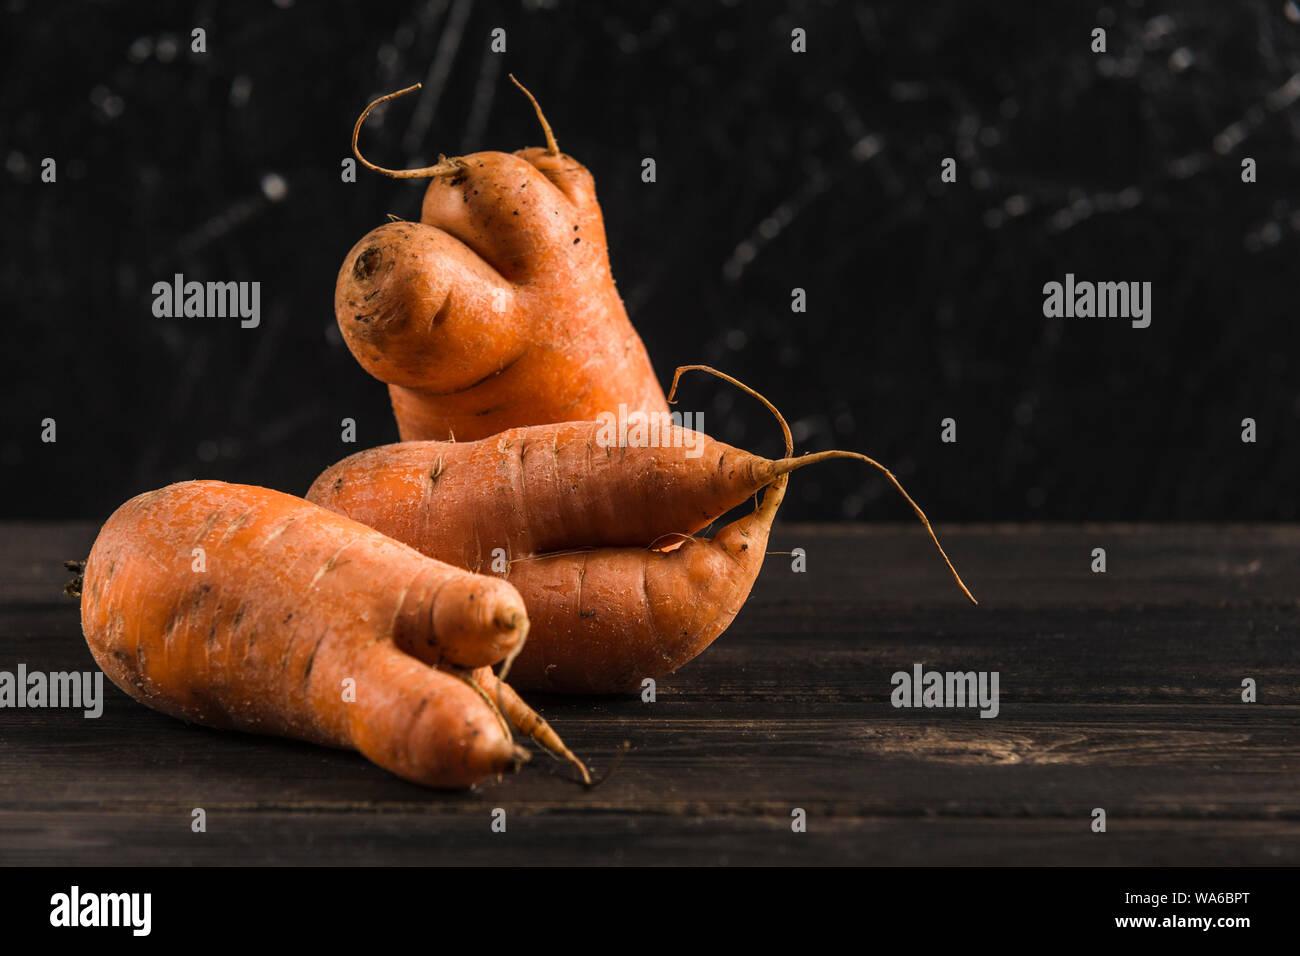 Feo Con Brotes De Zanahoria Vegetal Sobre Un Fondo Natural De Madera Oscura Fotografia De Stock Alamy Ya hay tiendas con zanahorias blancas, amarillas, roja oscura y. alamy